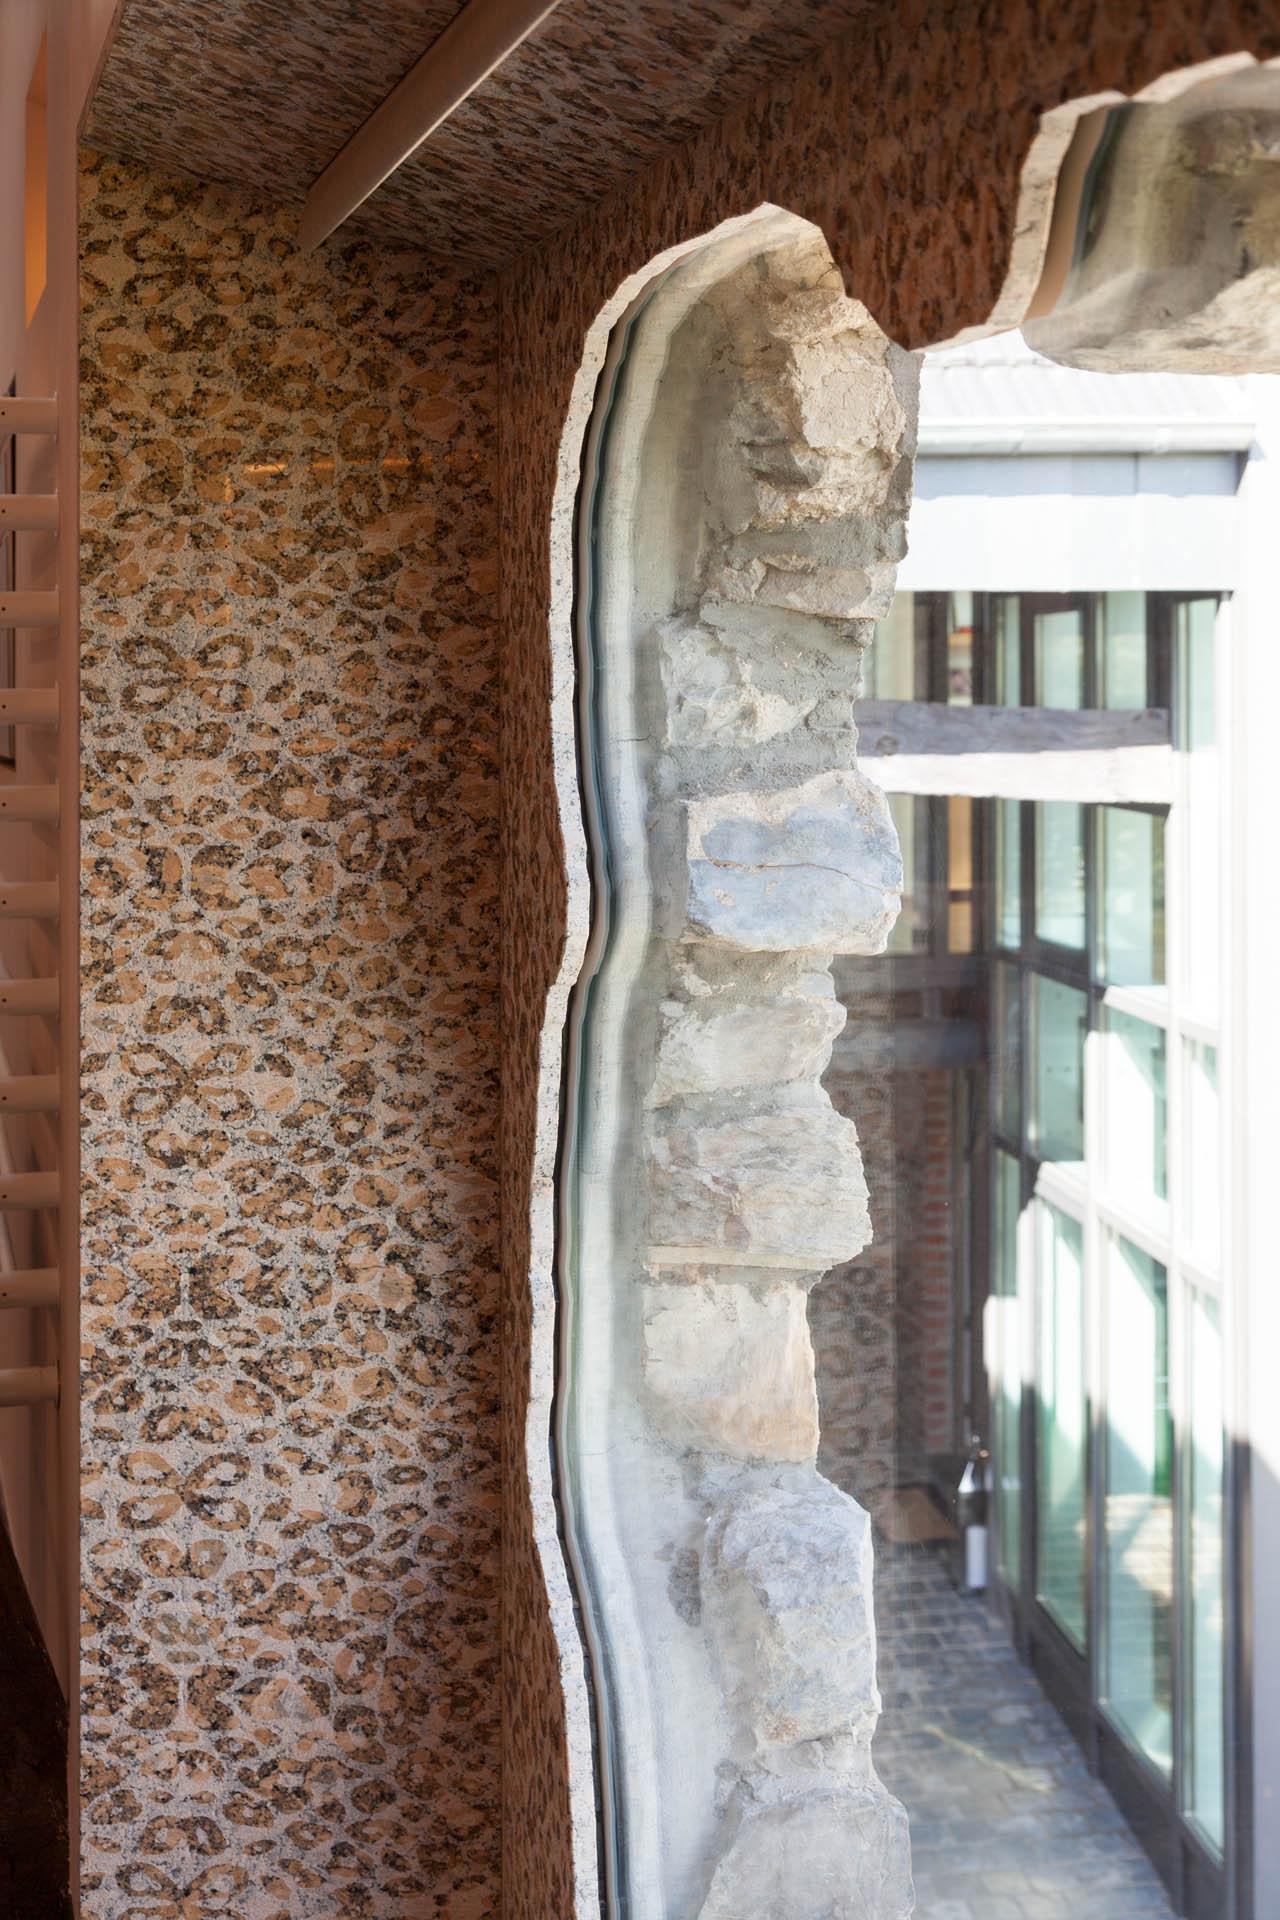 Der Fensterrhmen aus Stein passt sich dem Mauerwerk an